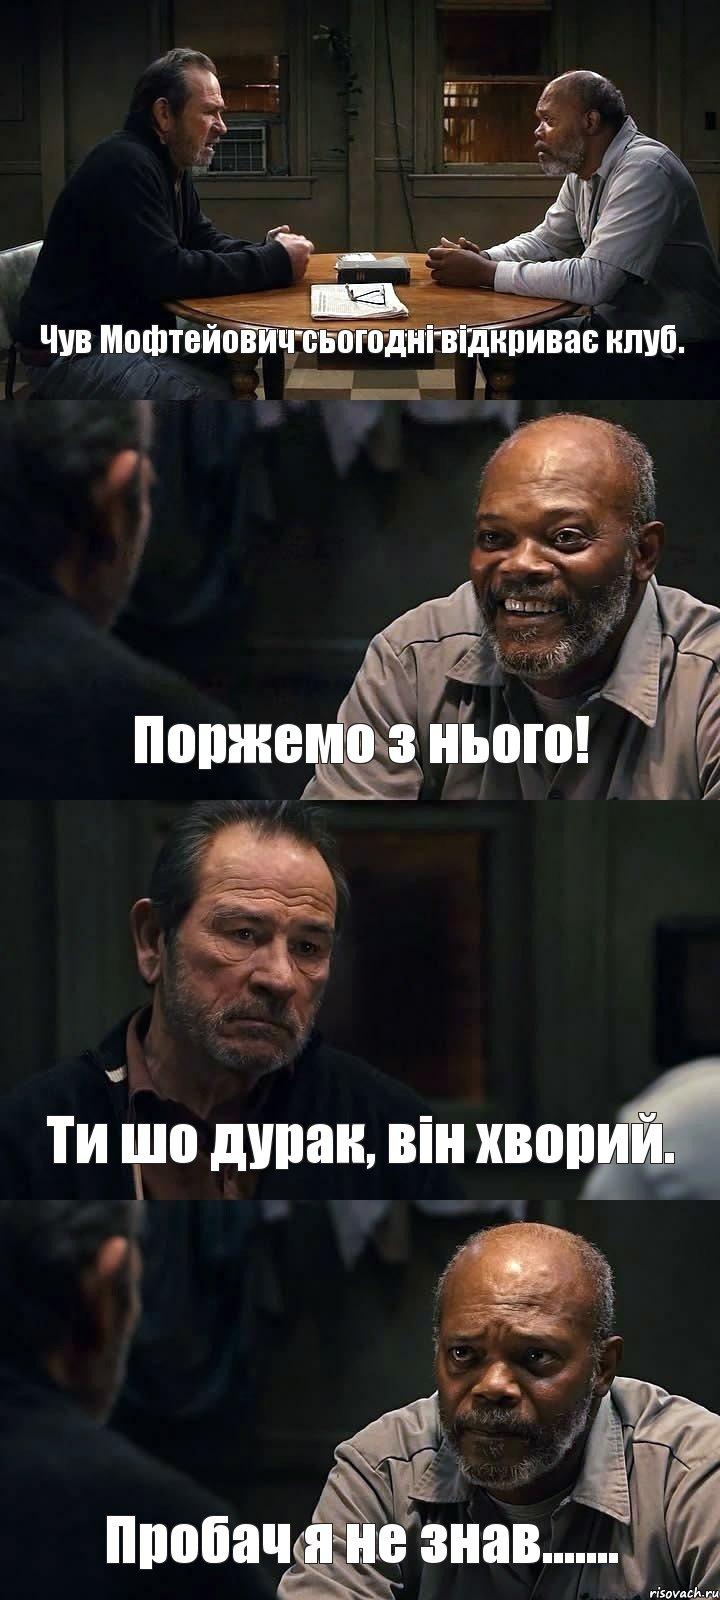 prostitutki-nsk